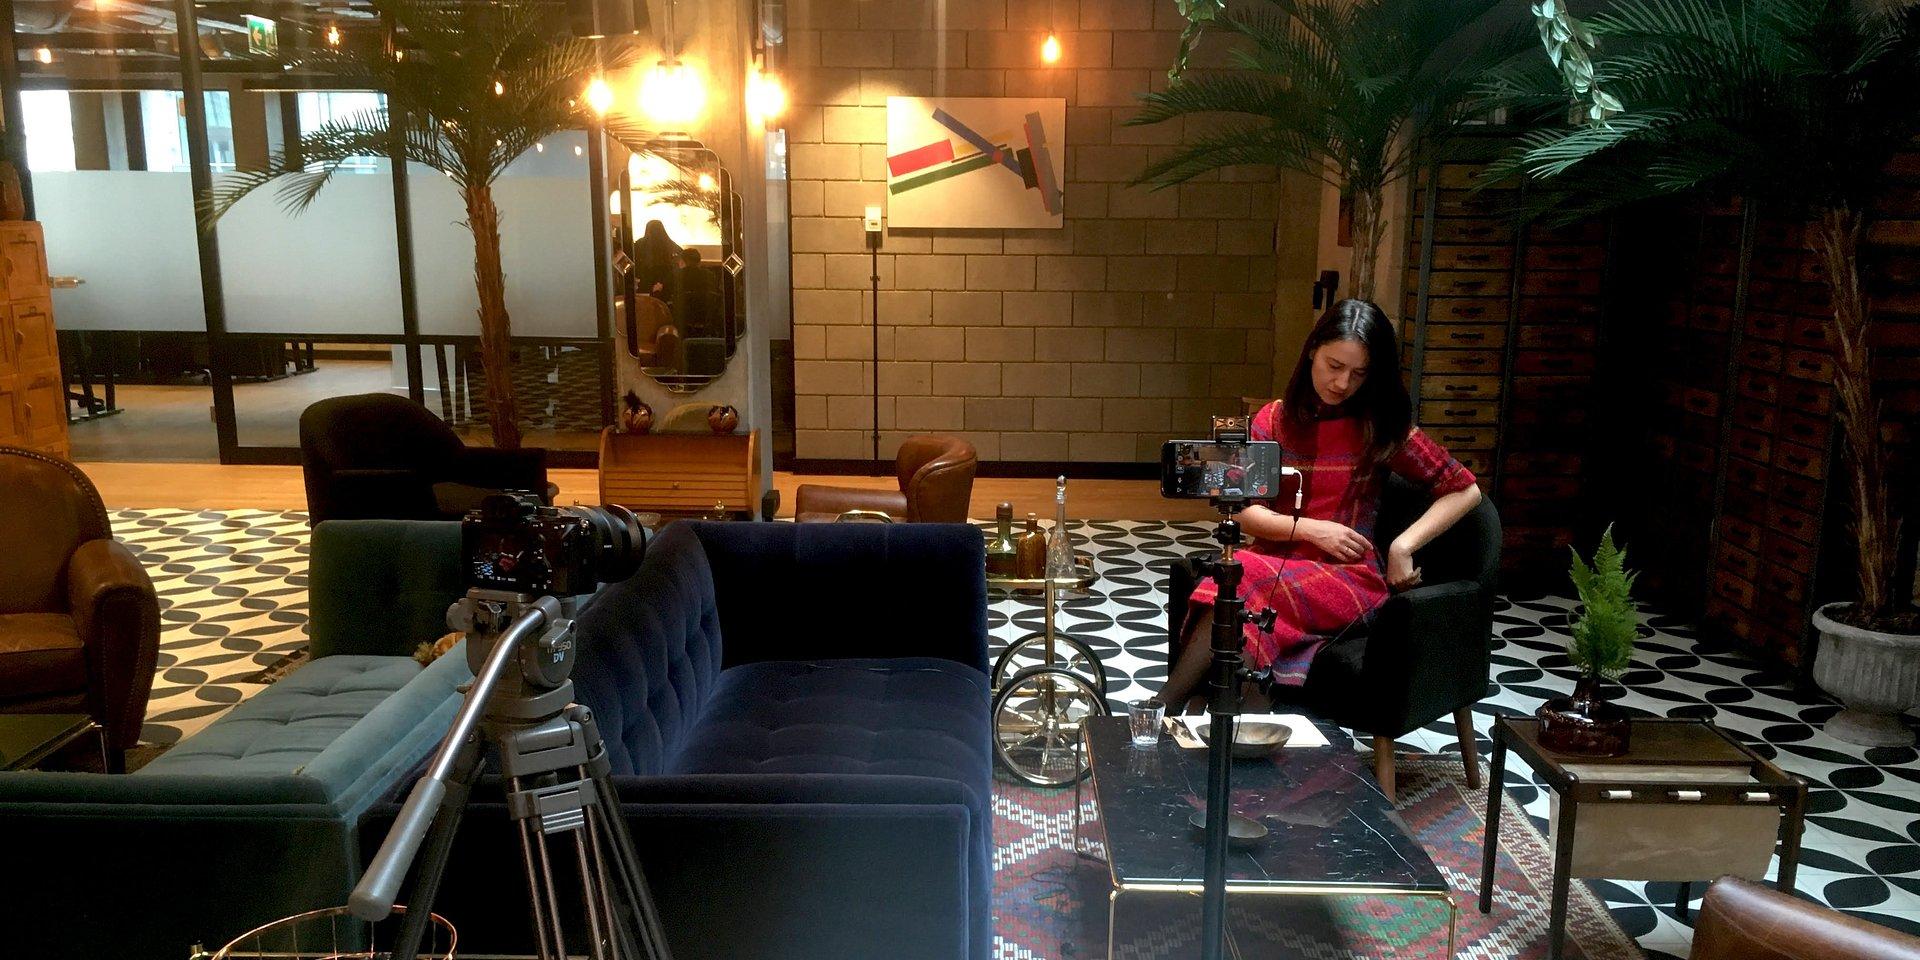 Rozmowy kuluarowe: filmuj.pro podpytuje Content Espresso